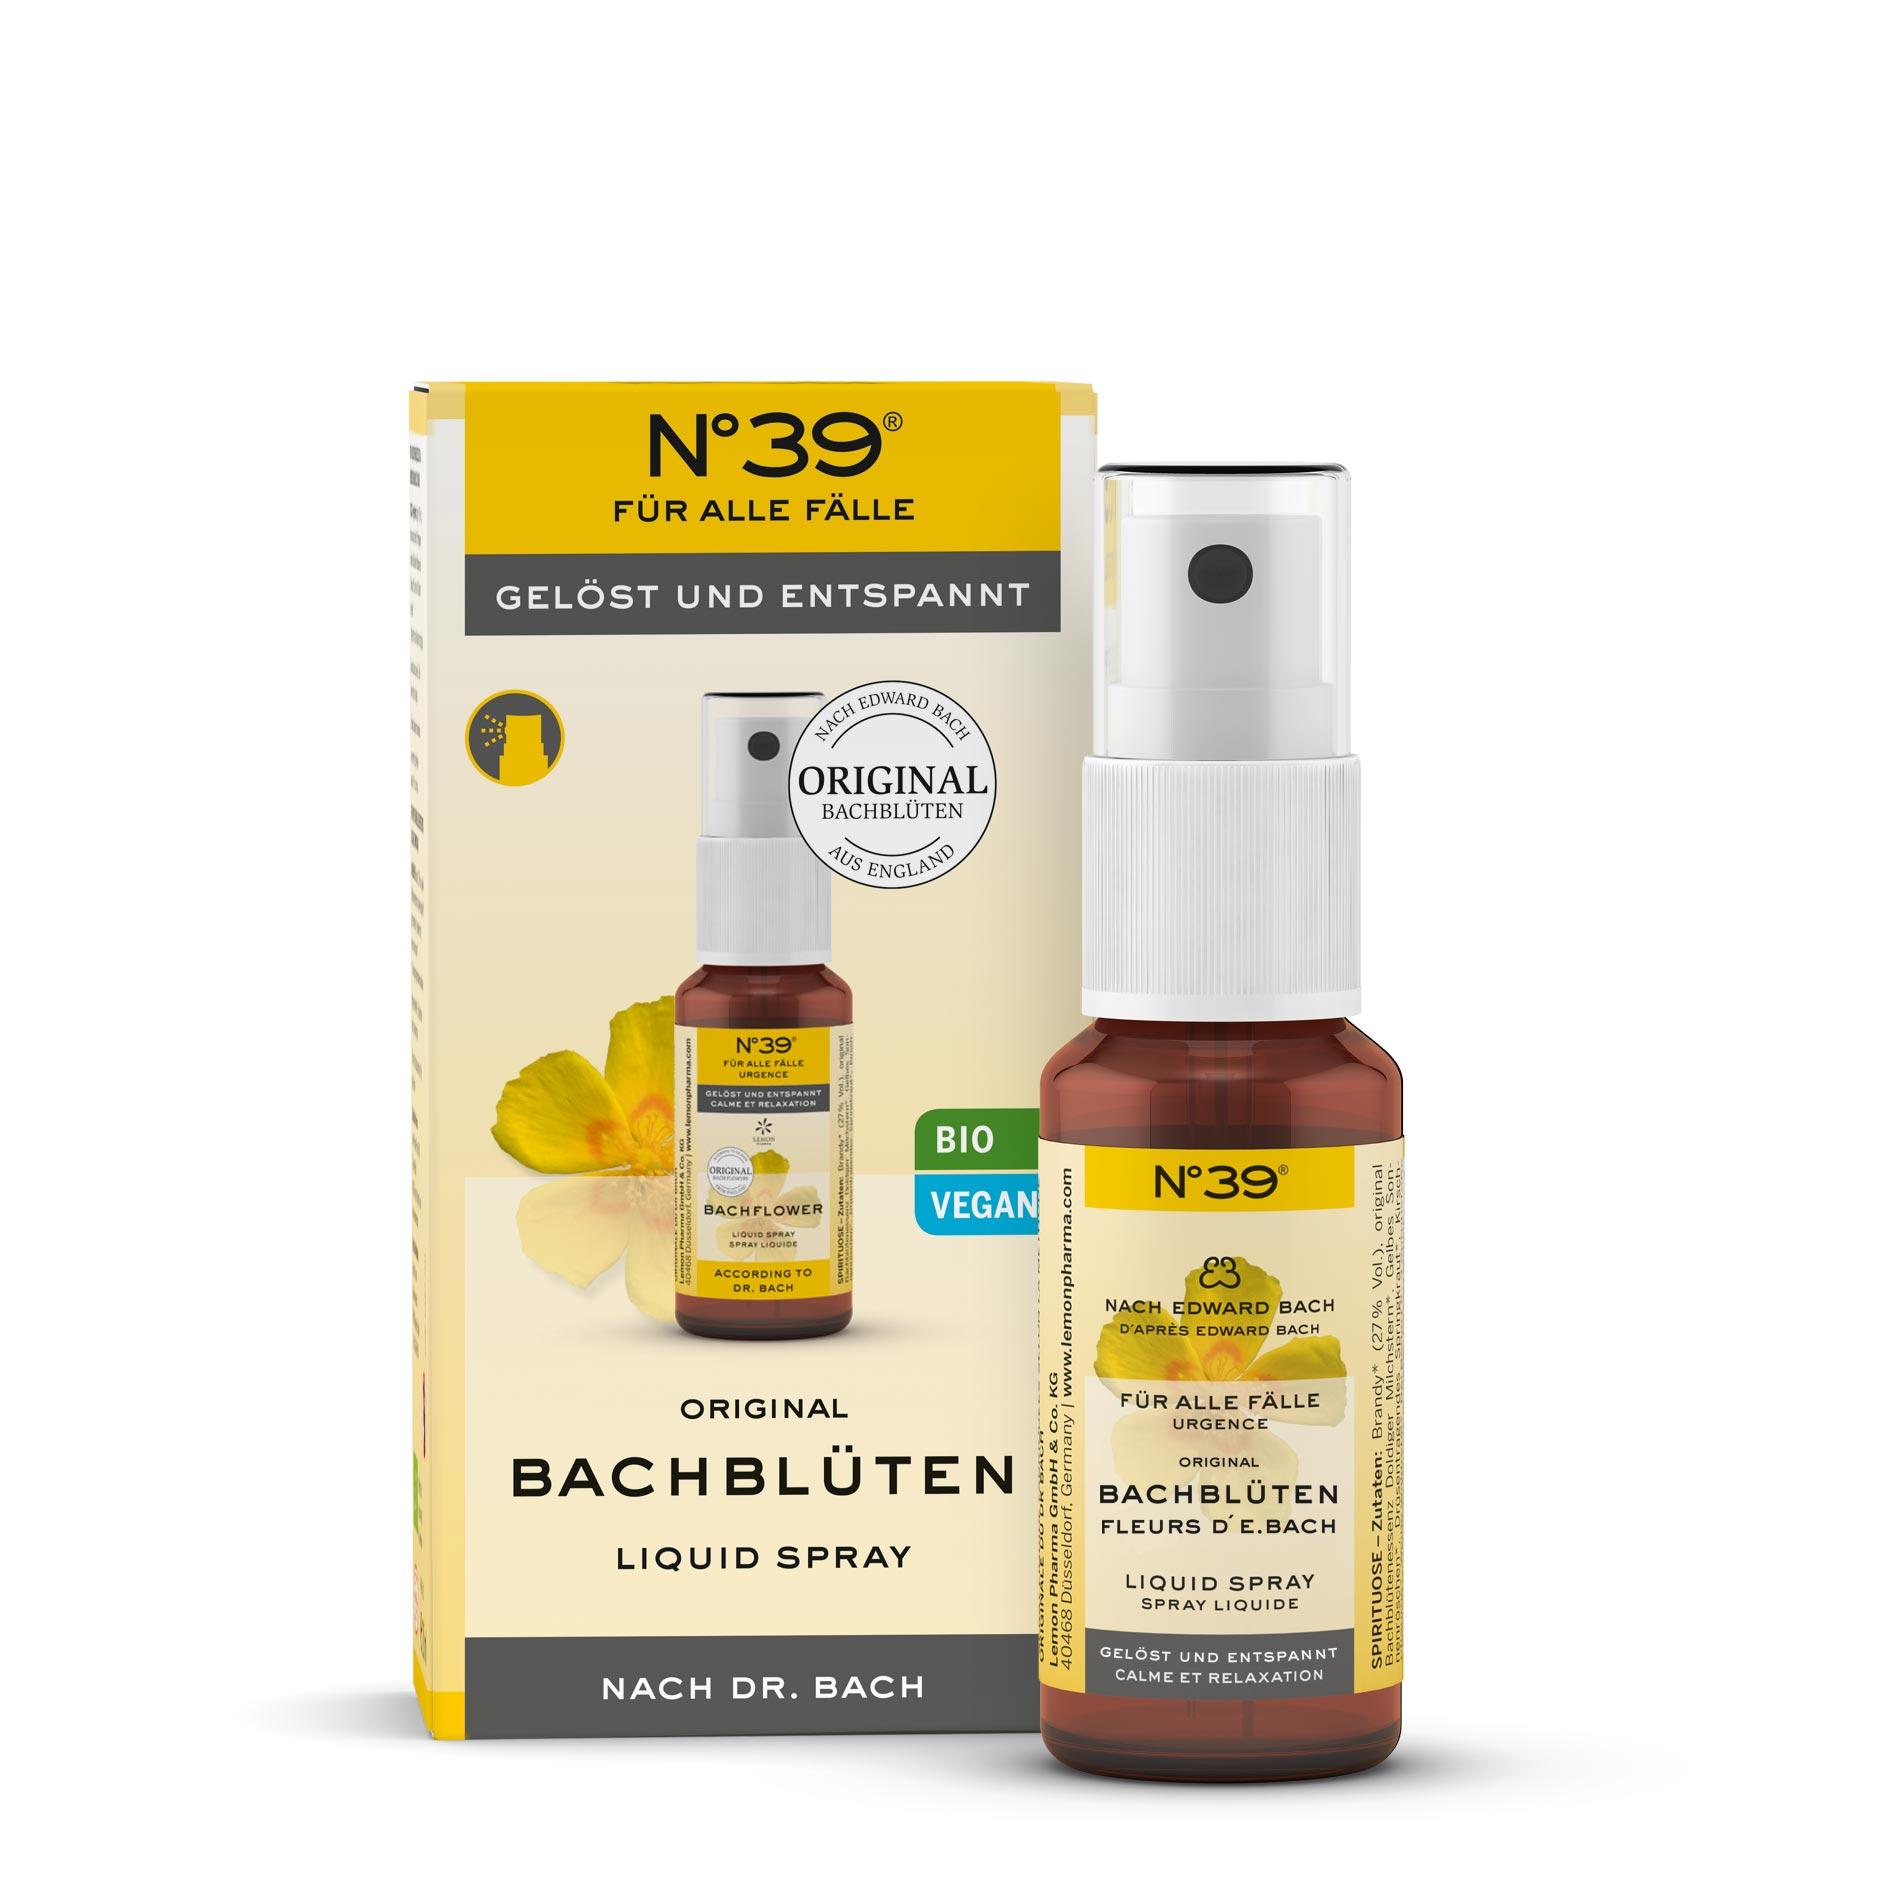 Spray liquido 39 Per tutti i casi Lemon Pharma fiori di Bach originali bach flower rilassato e riposato